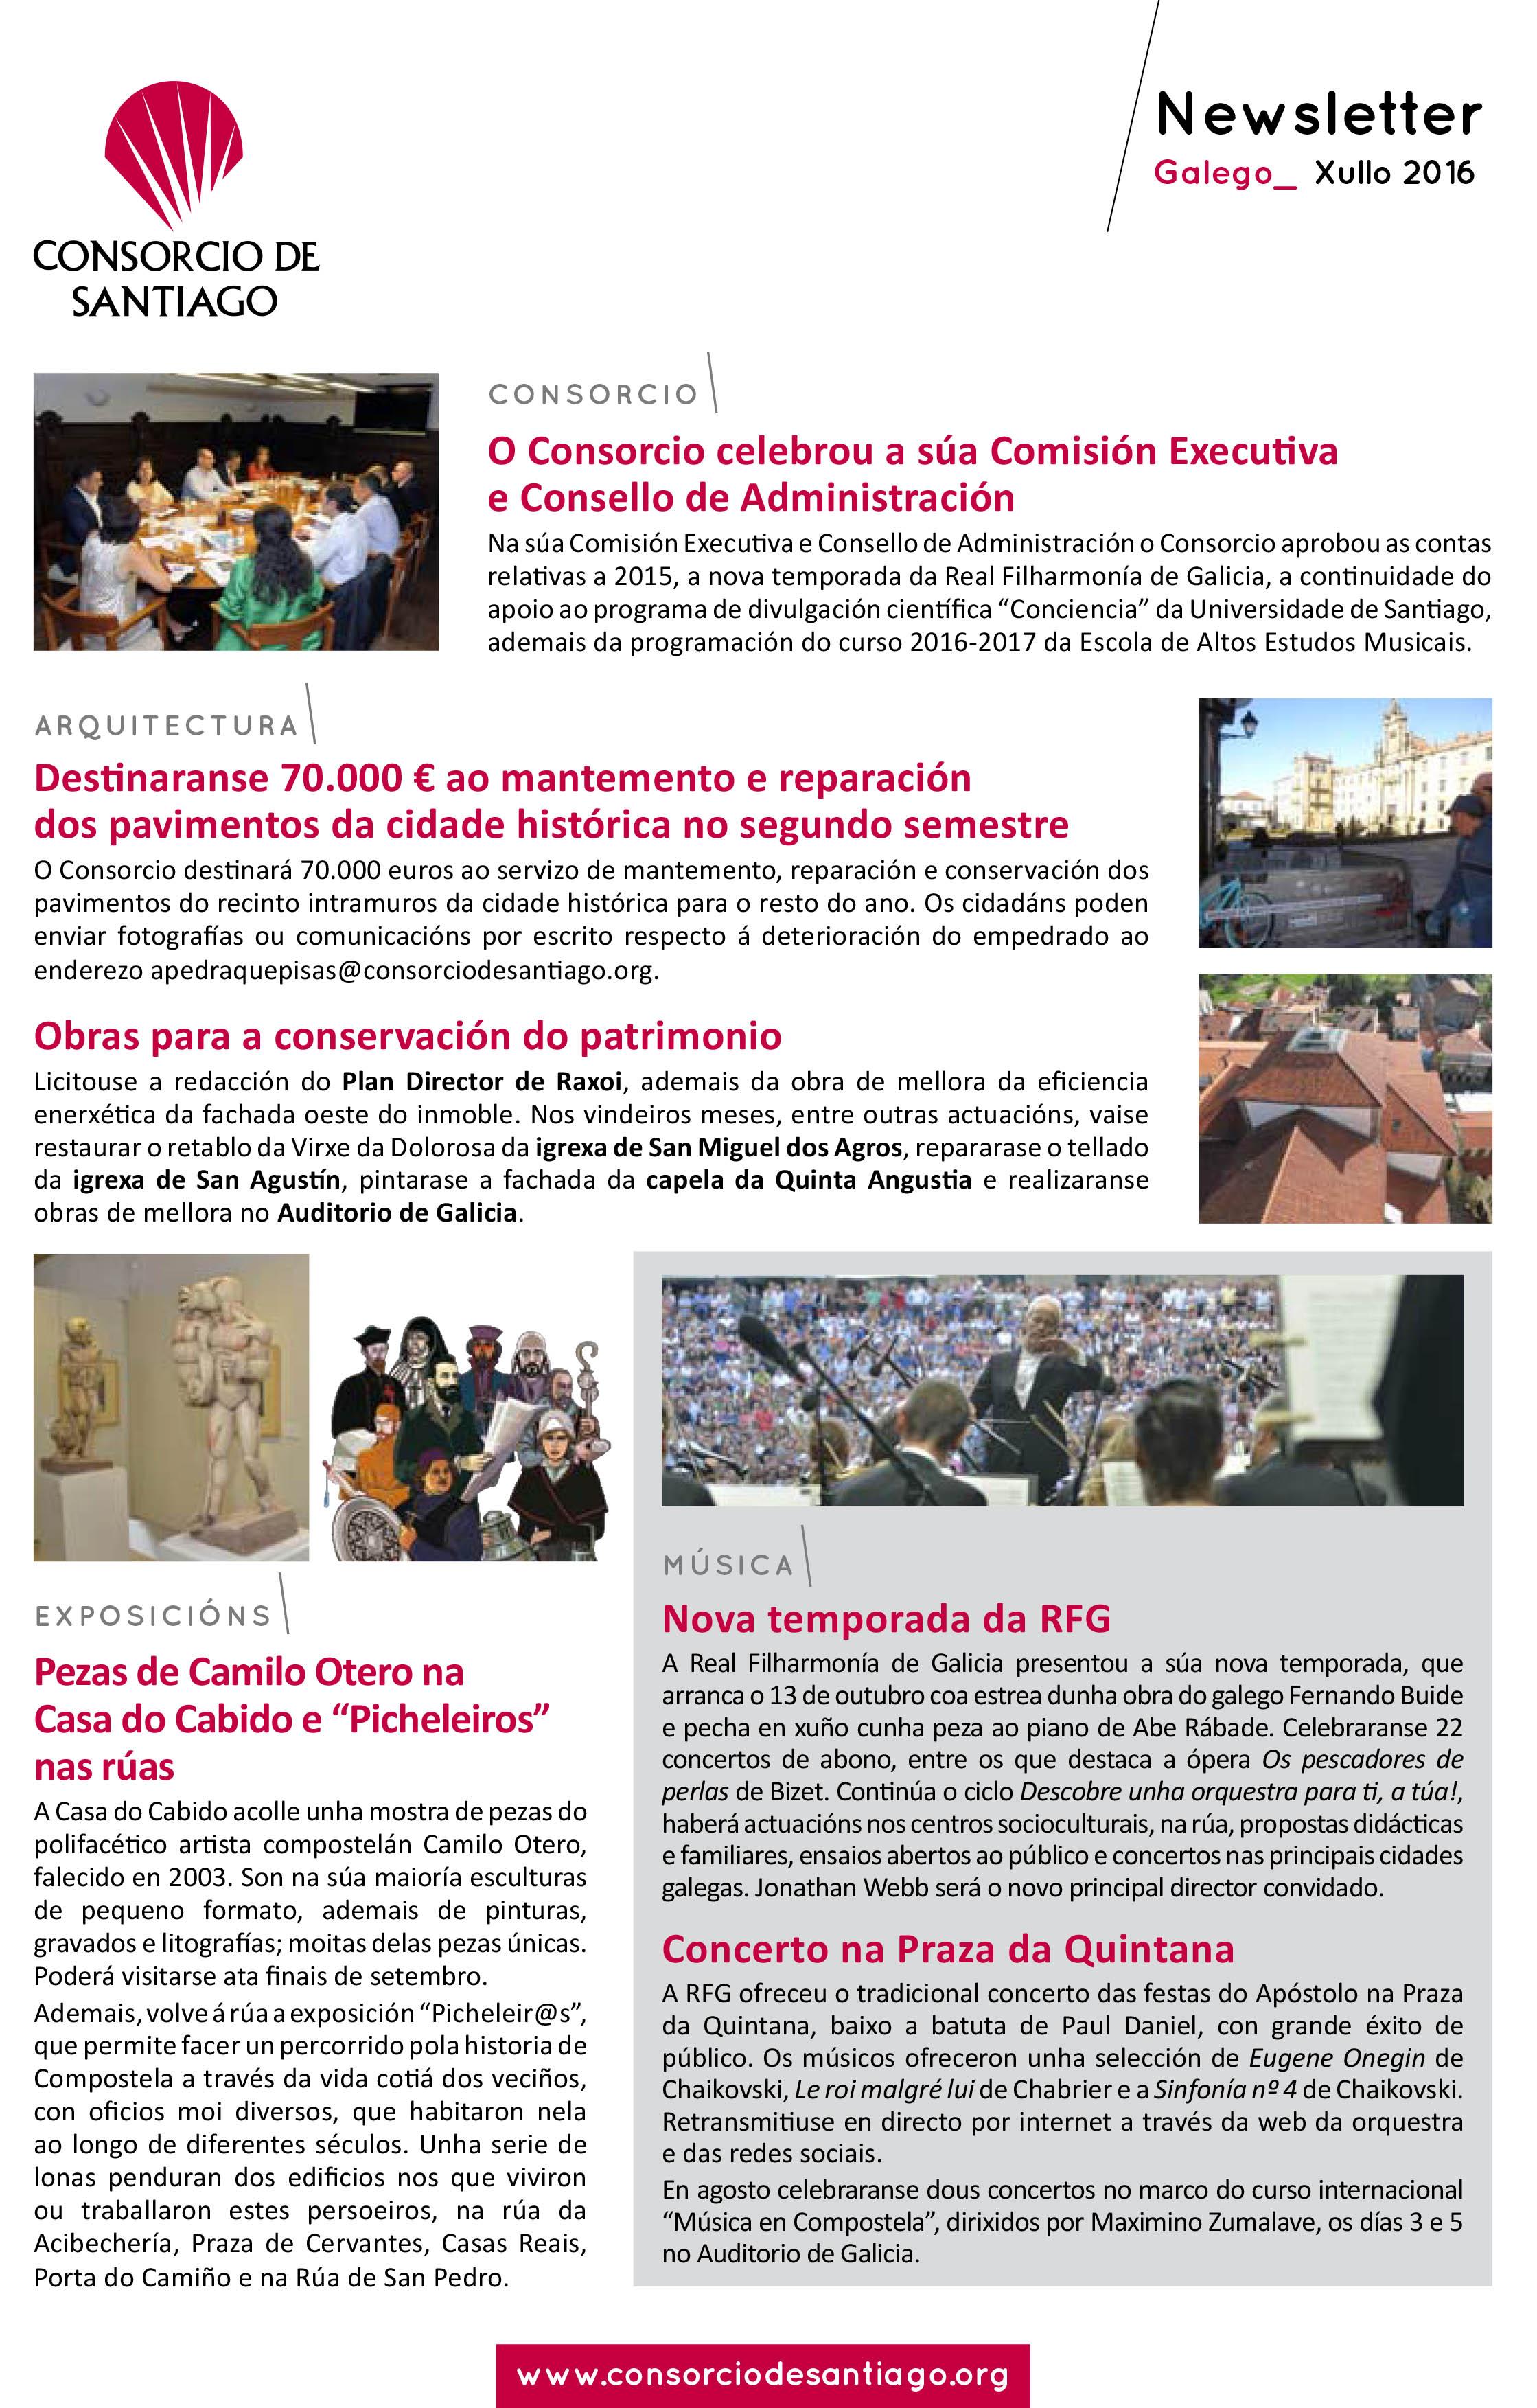 news_consorcio_xullo